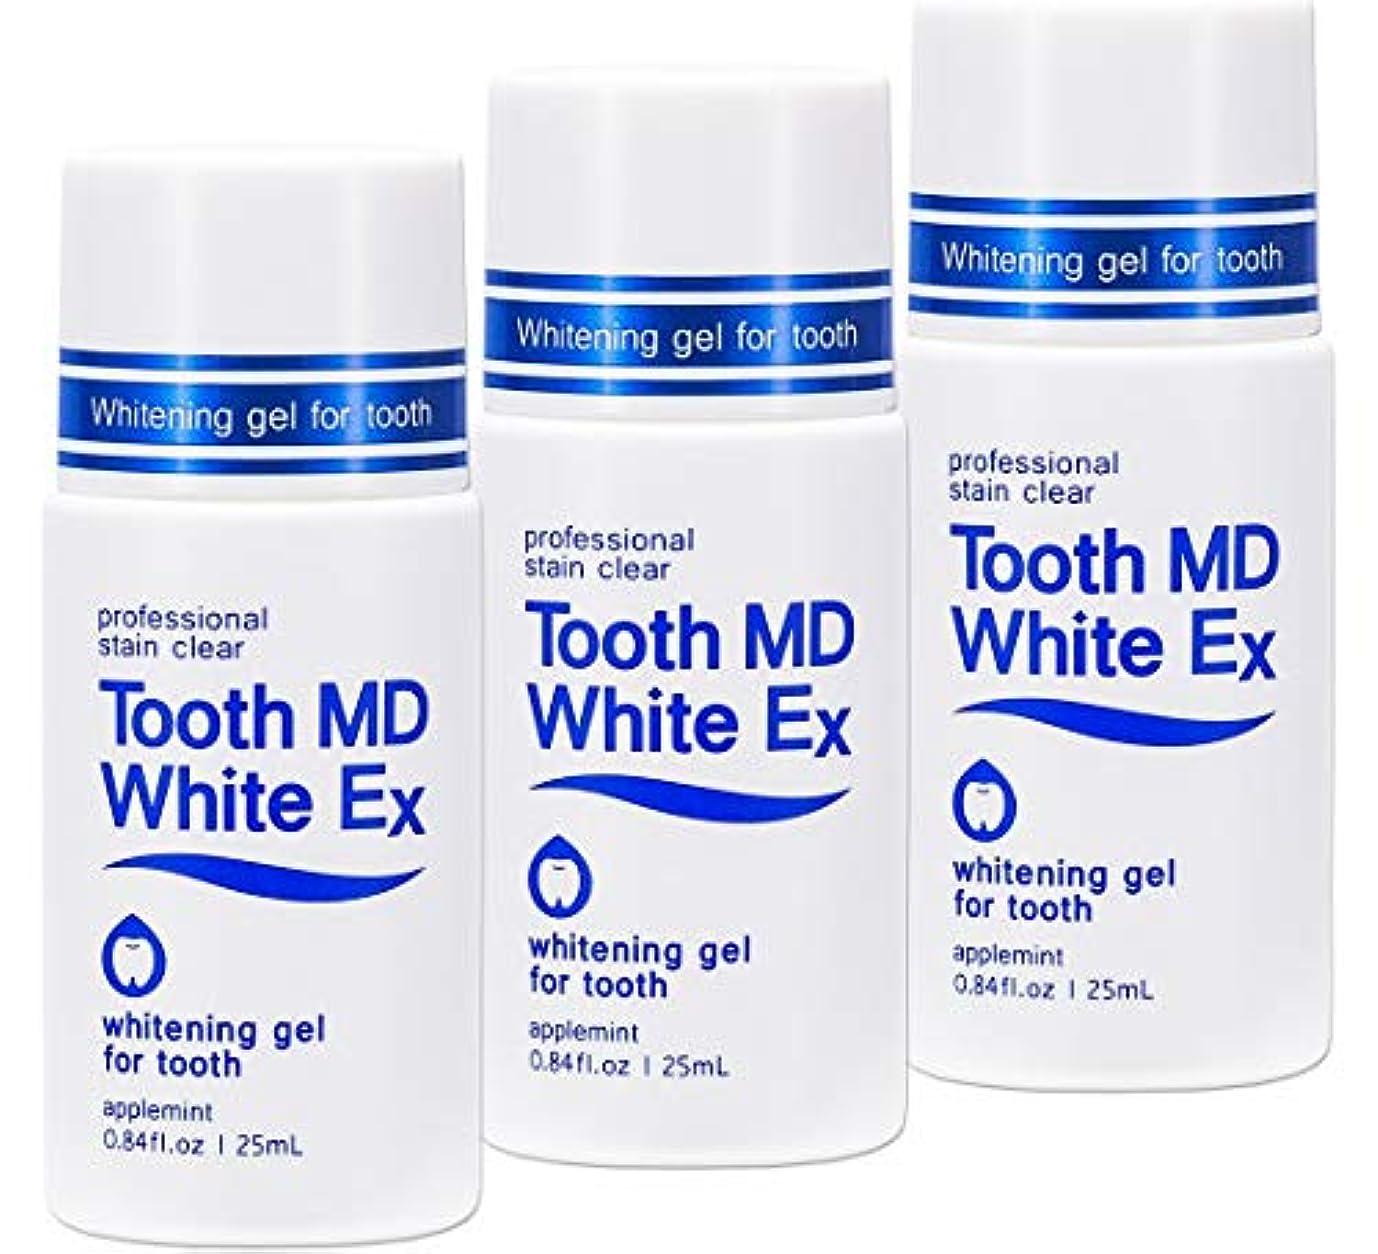 受ける数値キャプテンブライトゥースMDホワイトEX 3個セット [歯のホワイトニング] 専用歯ブラシ付き